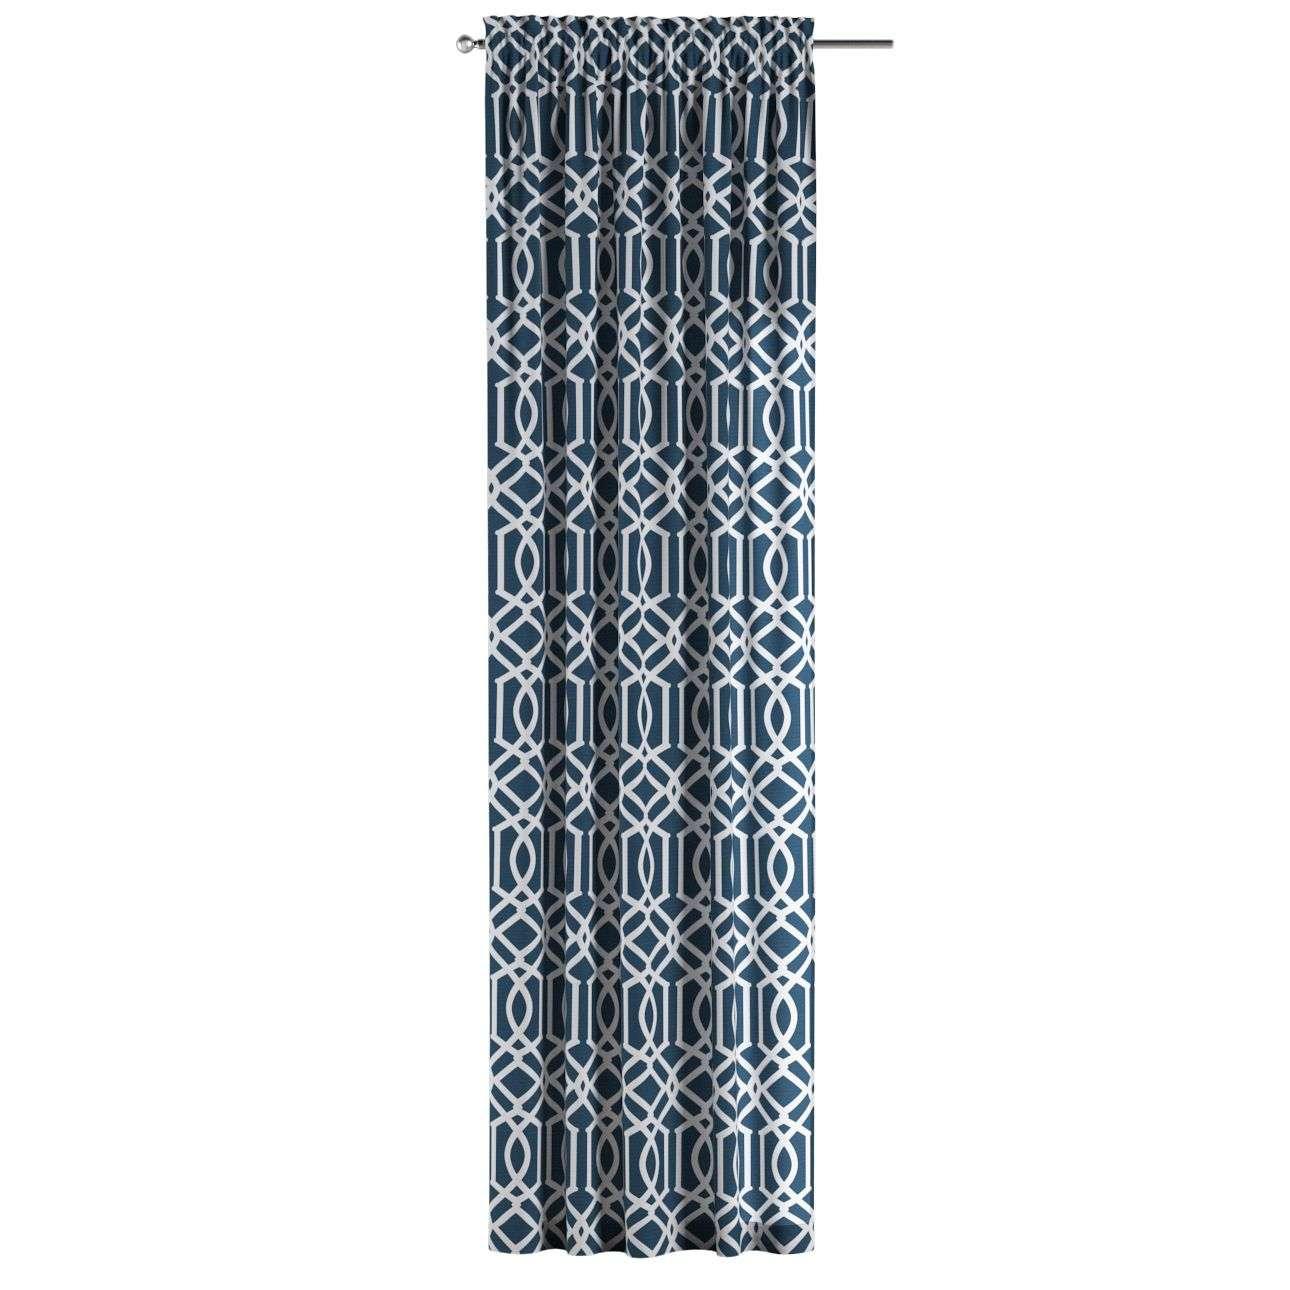 Závěs na tunýlku s volánkem 130 x 260 cm v kolekci Comics, látka: 135-10